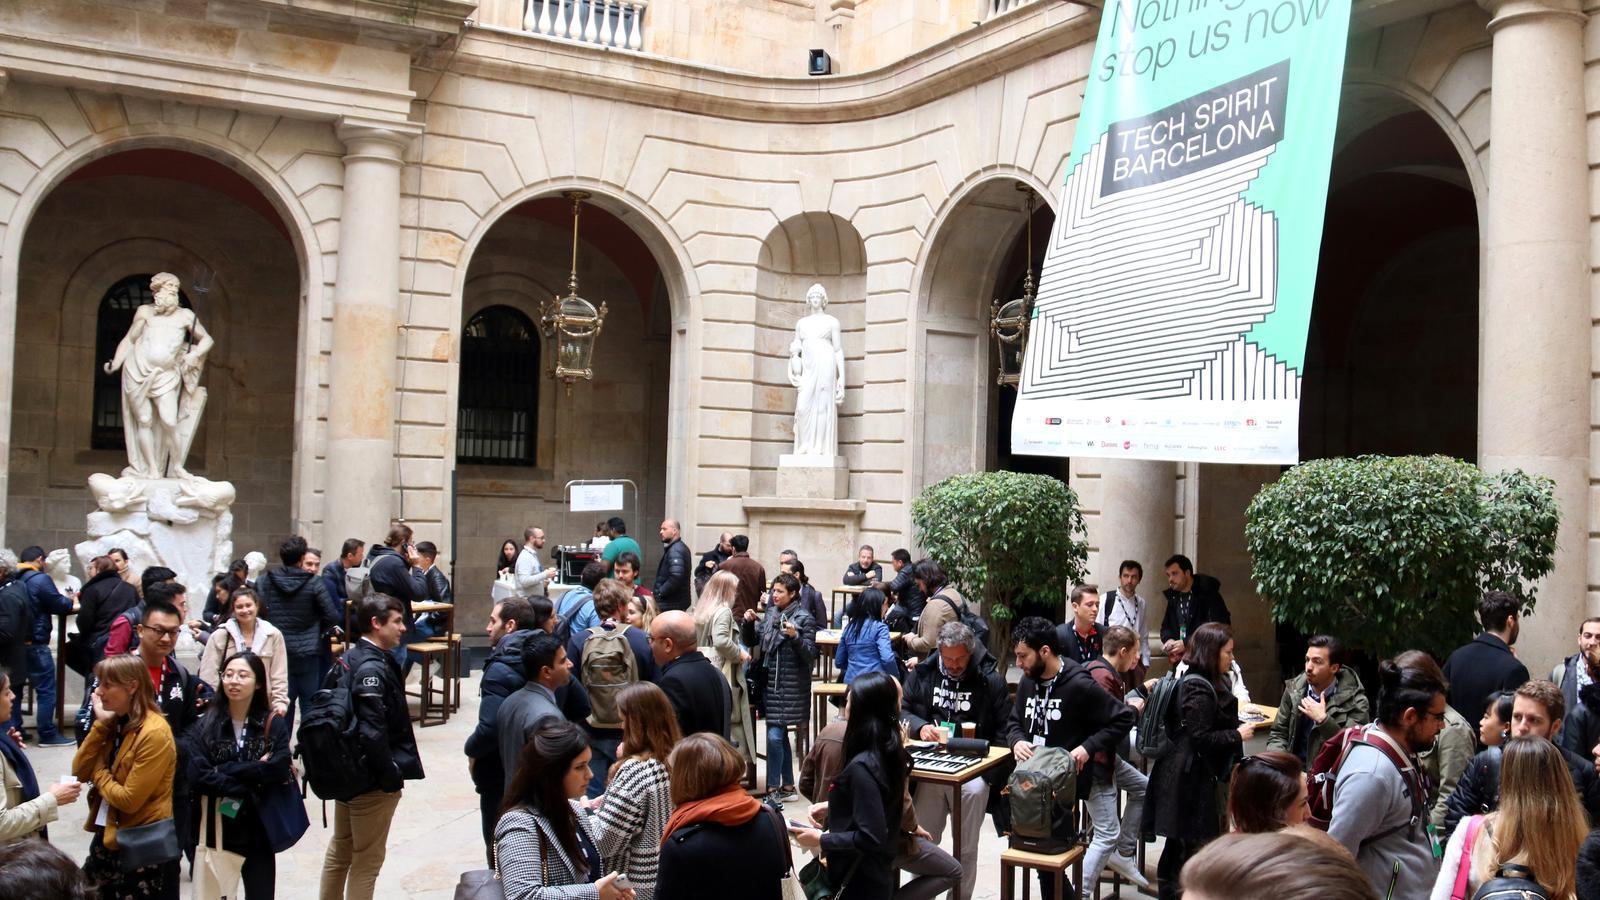 Imatge d'ambient el primer dia del Tech Spirit Barcelona